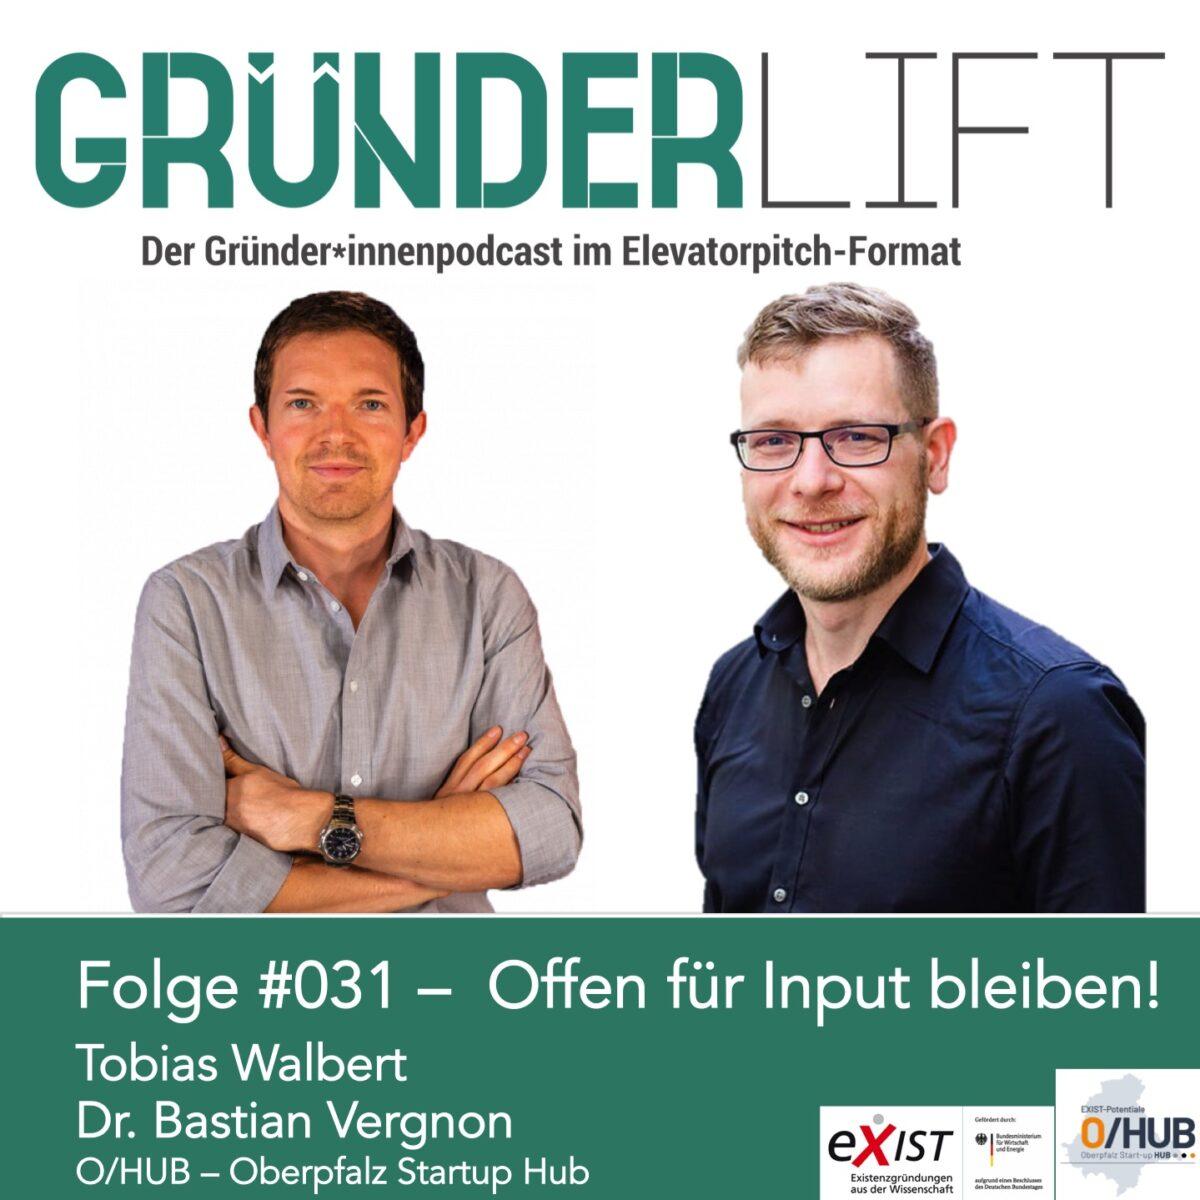 GründerLIFT Folge #031_Gründungssensibilisierung